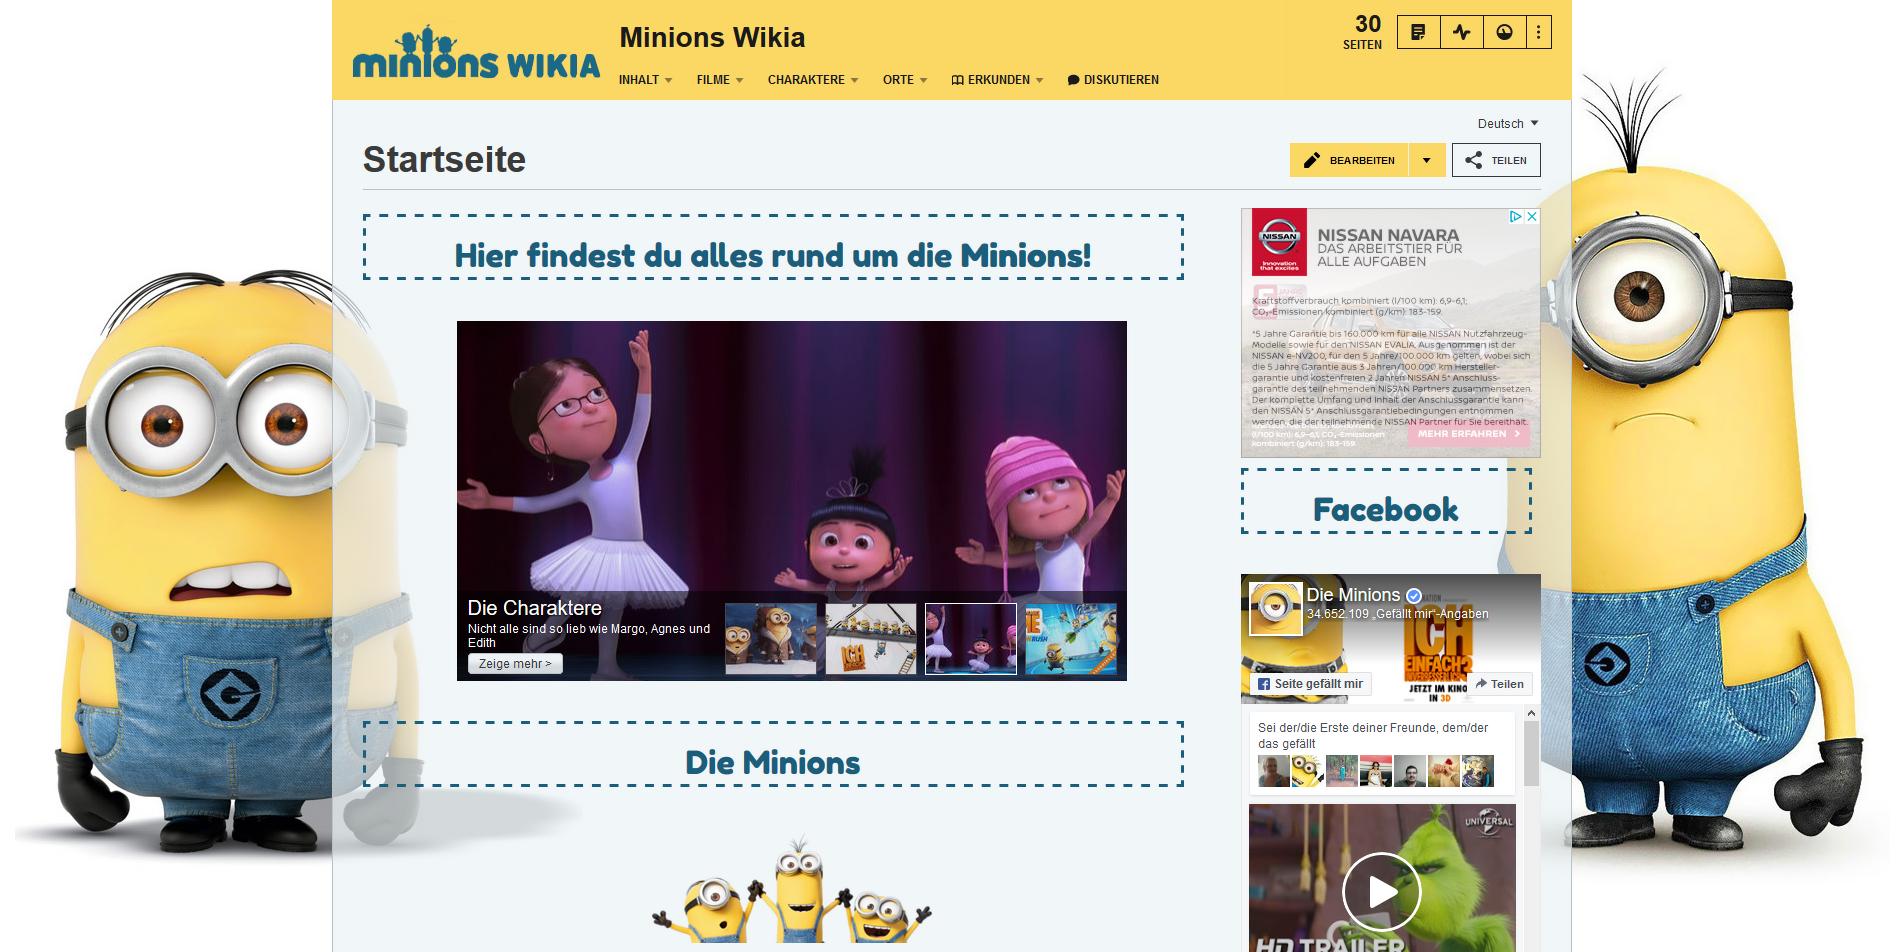 Hilfe für die Gestaltung deines Wikis erhalten